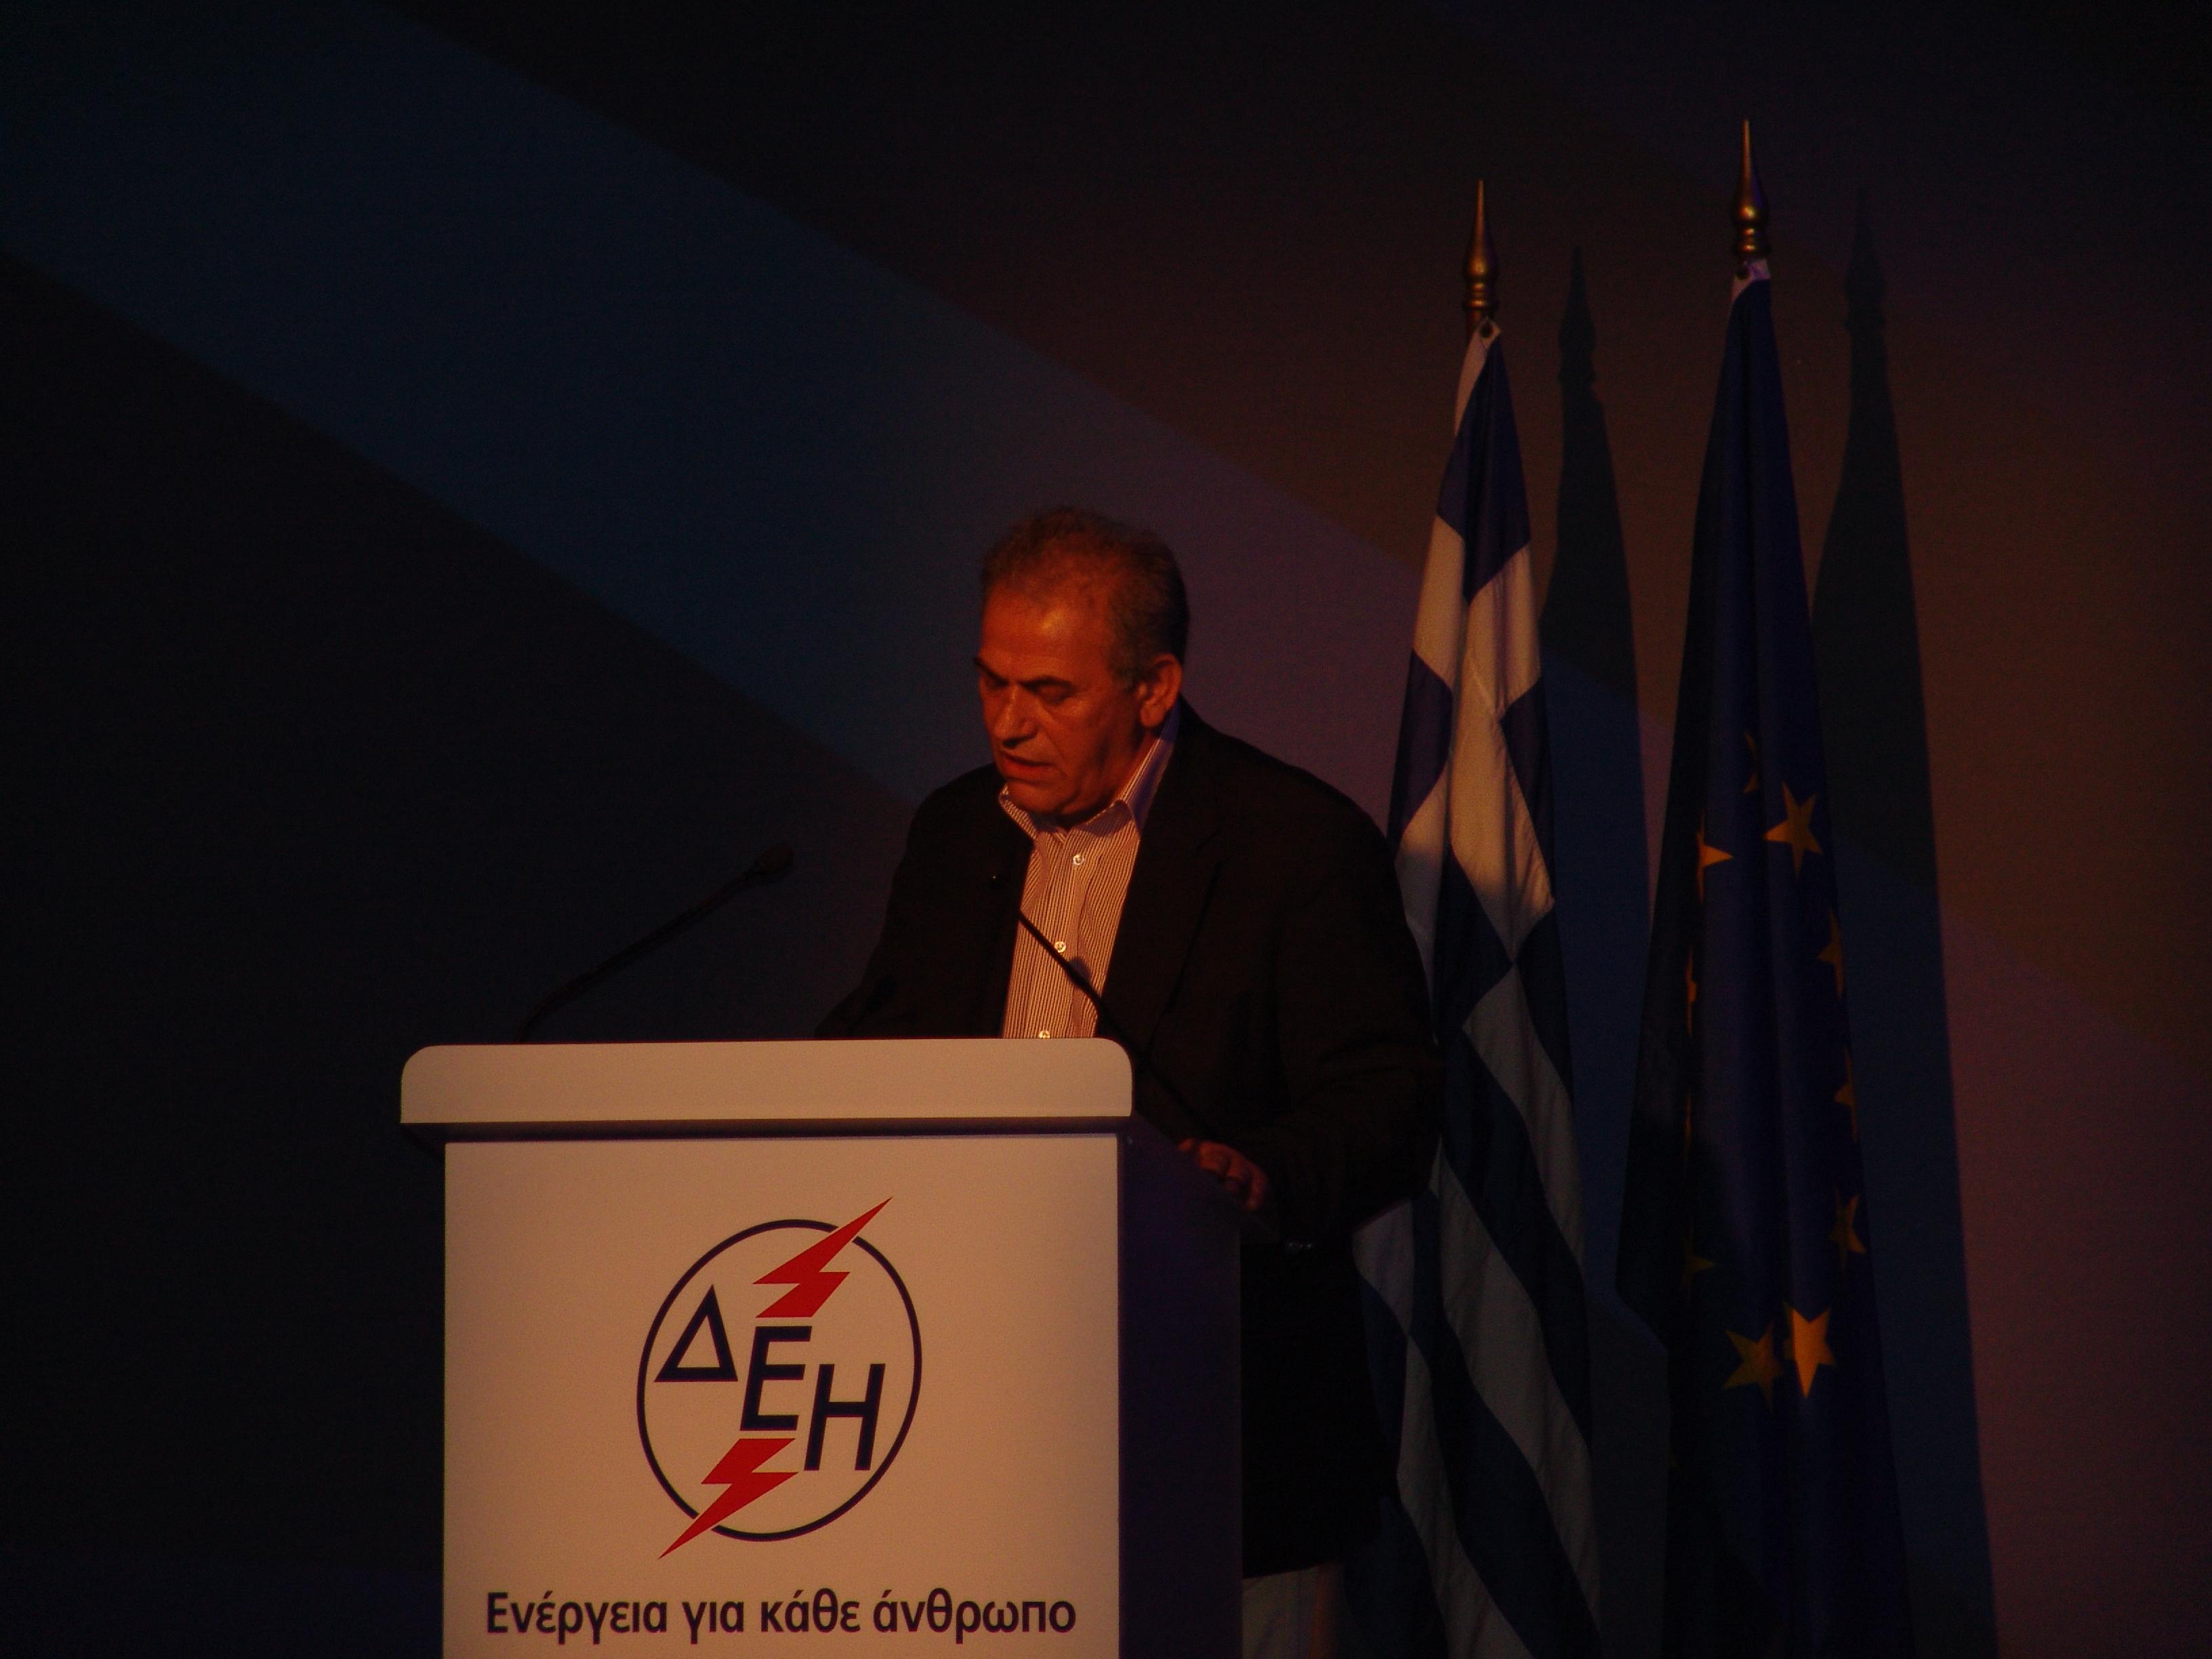 Ομιλία προέδρου ΓΕΝΟΠ/ΔΕΗ στη Γ.Σ. Μετοχων της ΔΕΗ